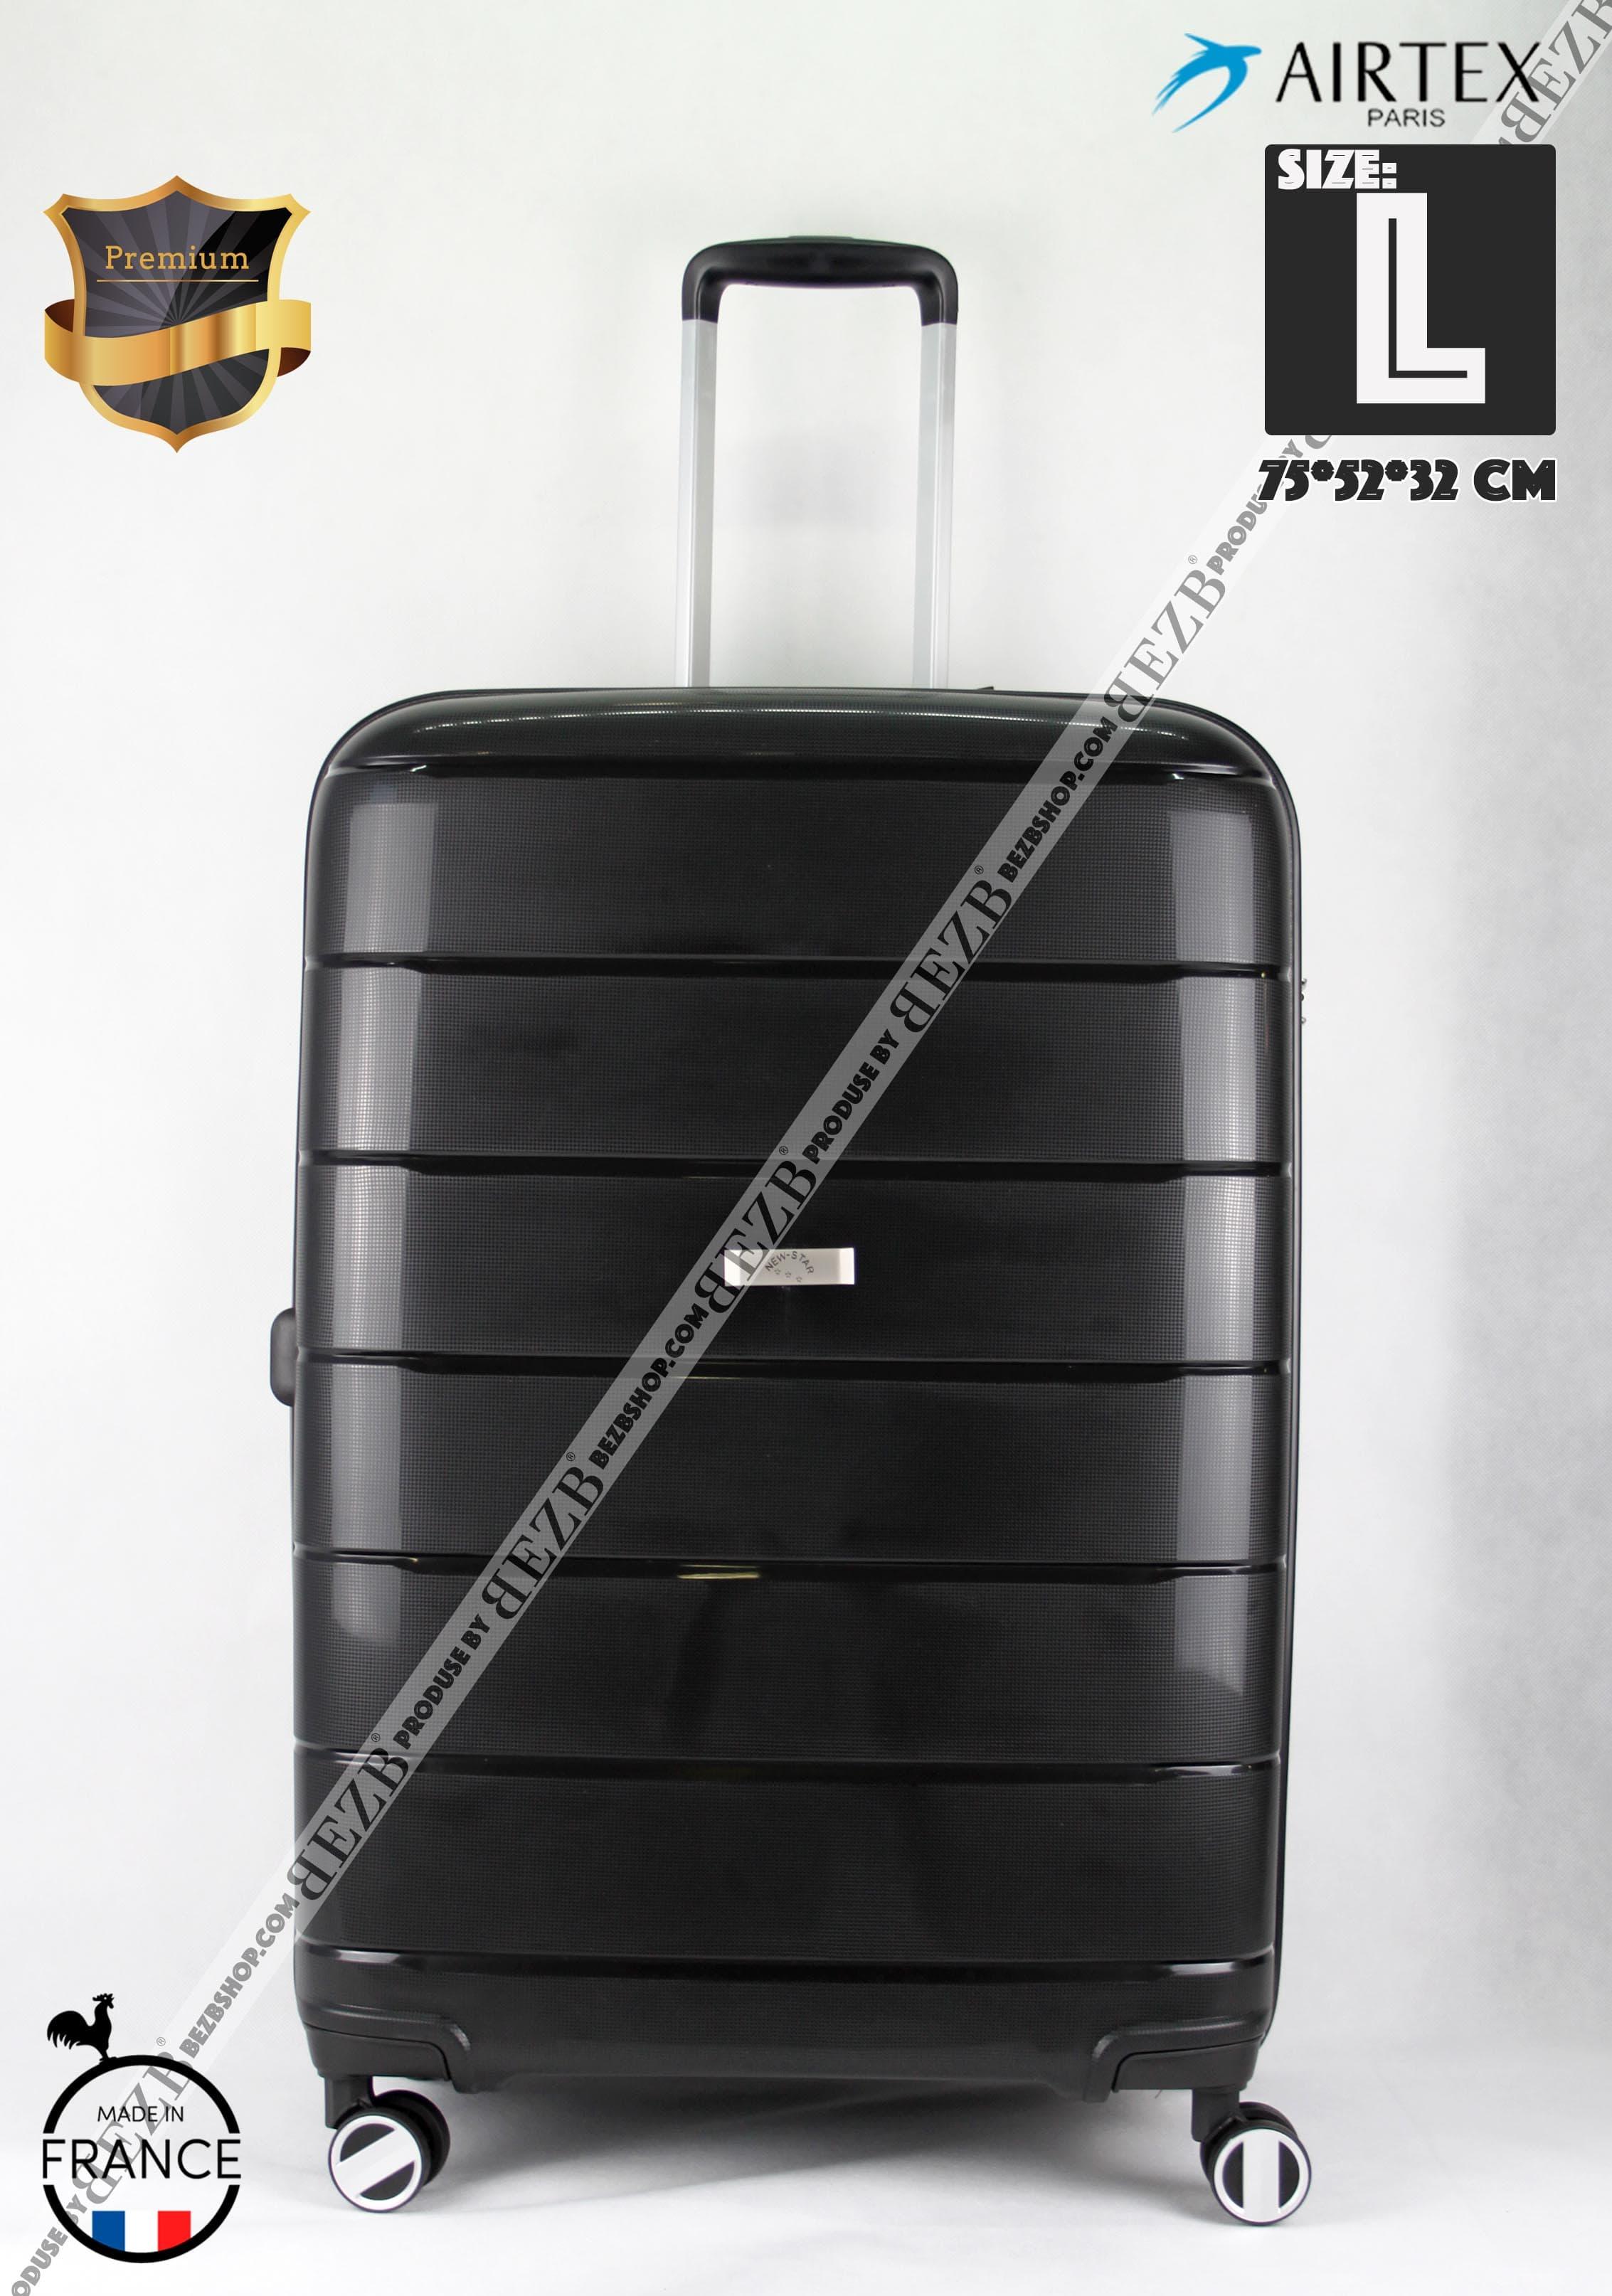 Французский Ударостойкий чемодан Большой из полипропилена  на 4-х колесах Для багажа ,до 23 кг